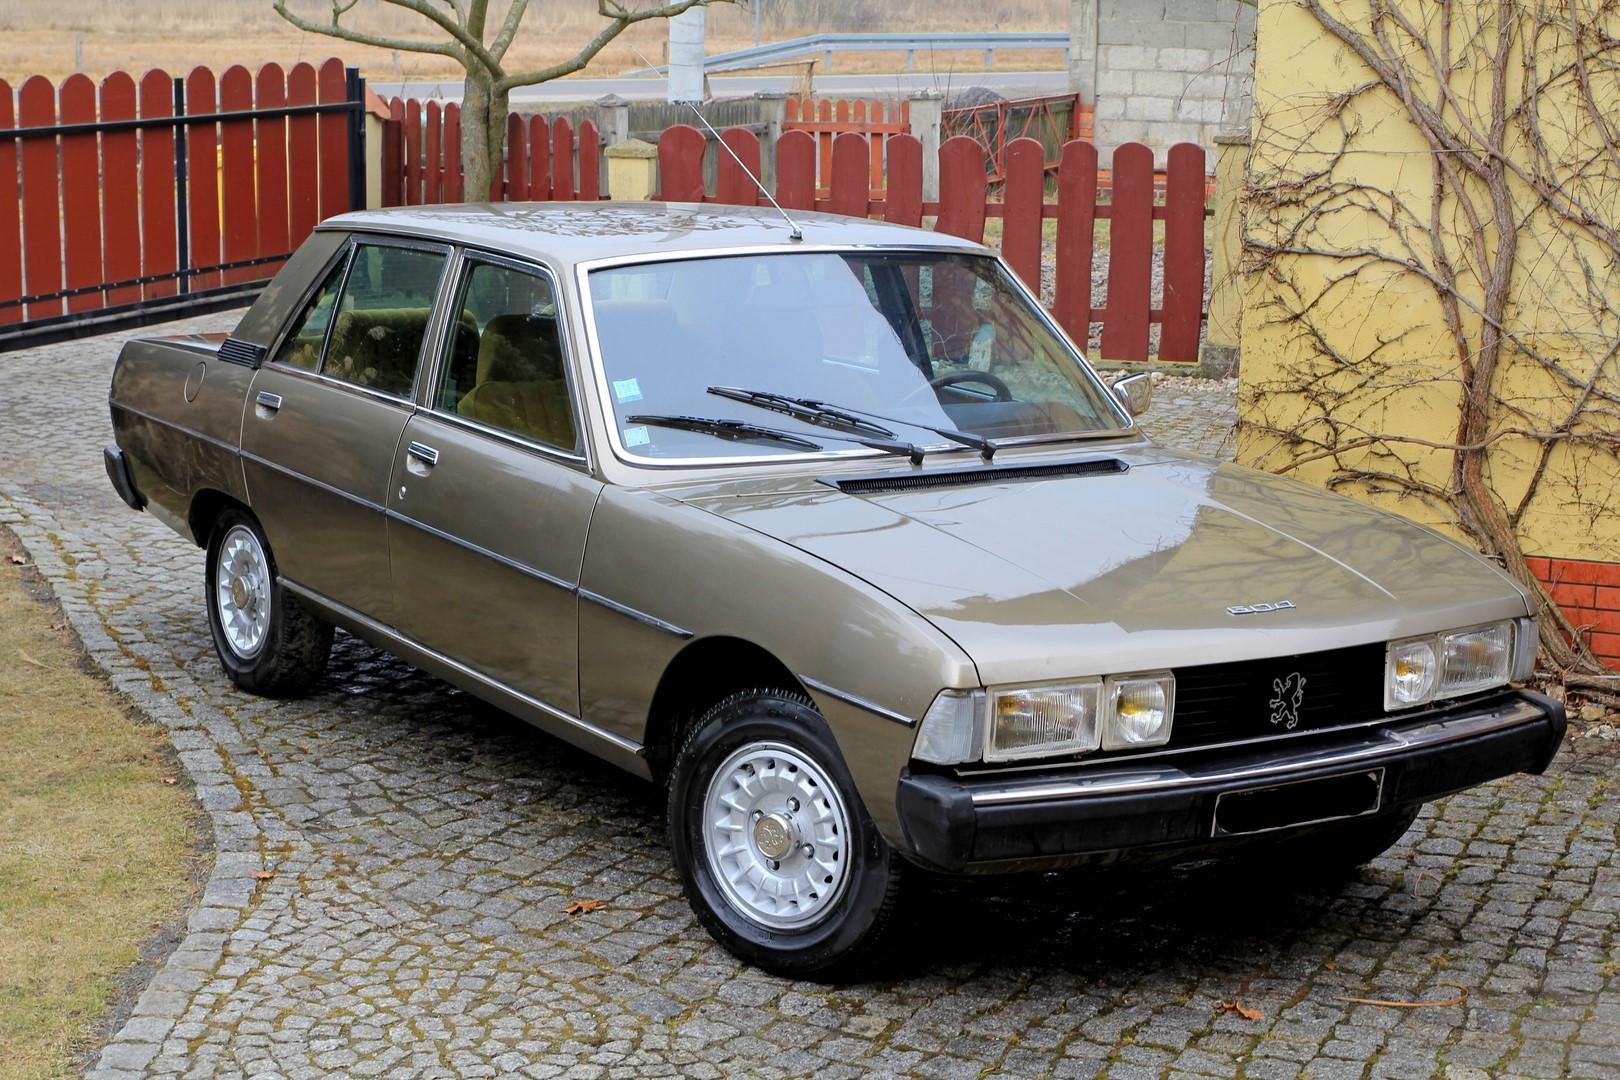 PEUGEOT 604 1977r UNIKAT rzadki Peugeot V6 2.7L !!